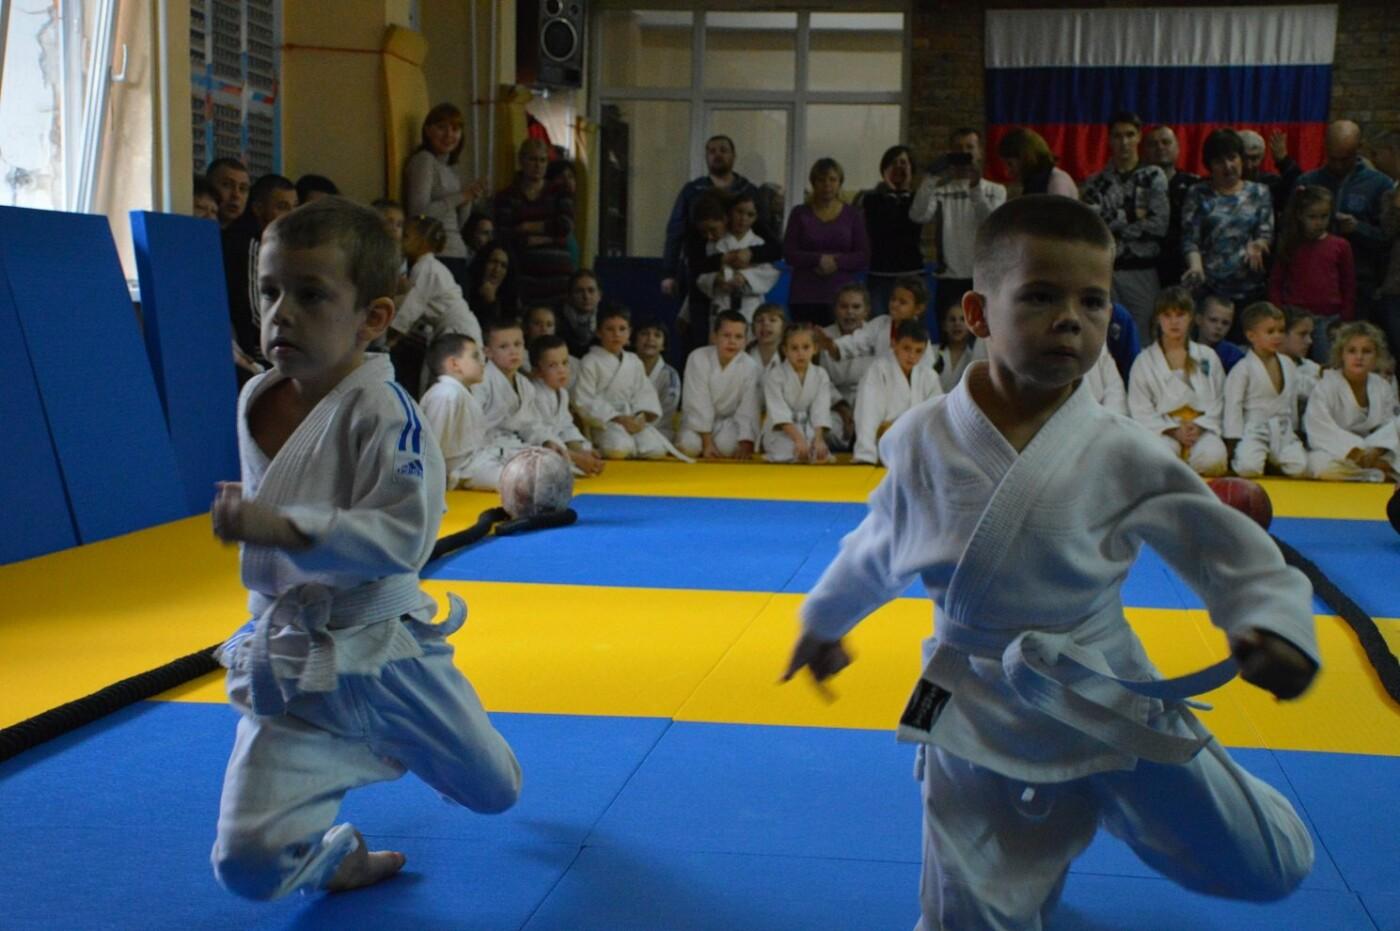 Ялтинская федерация дзюдо провела в Массандре спортивное мероприятие, фото-1